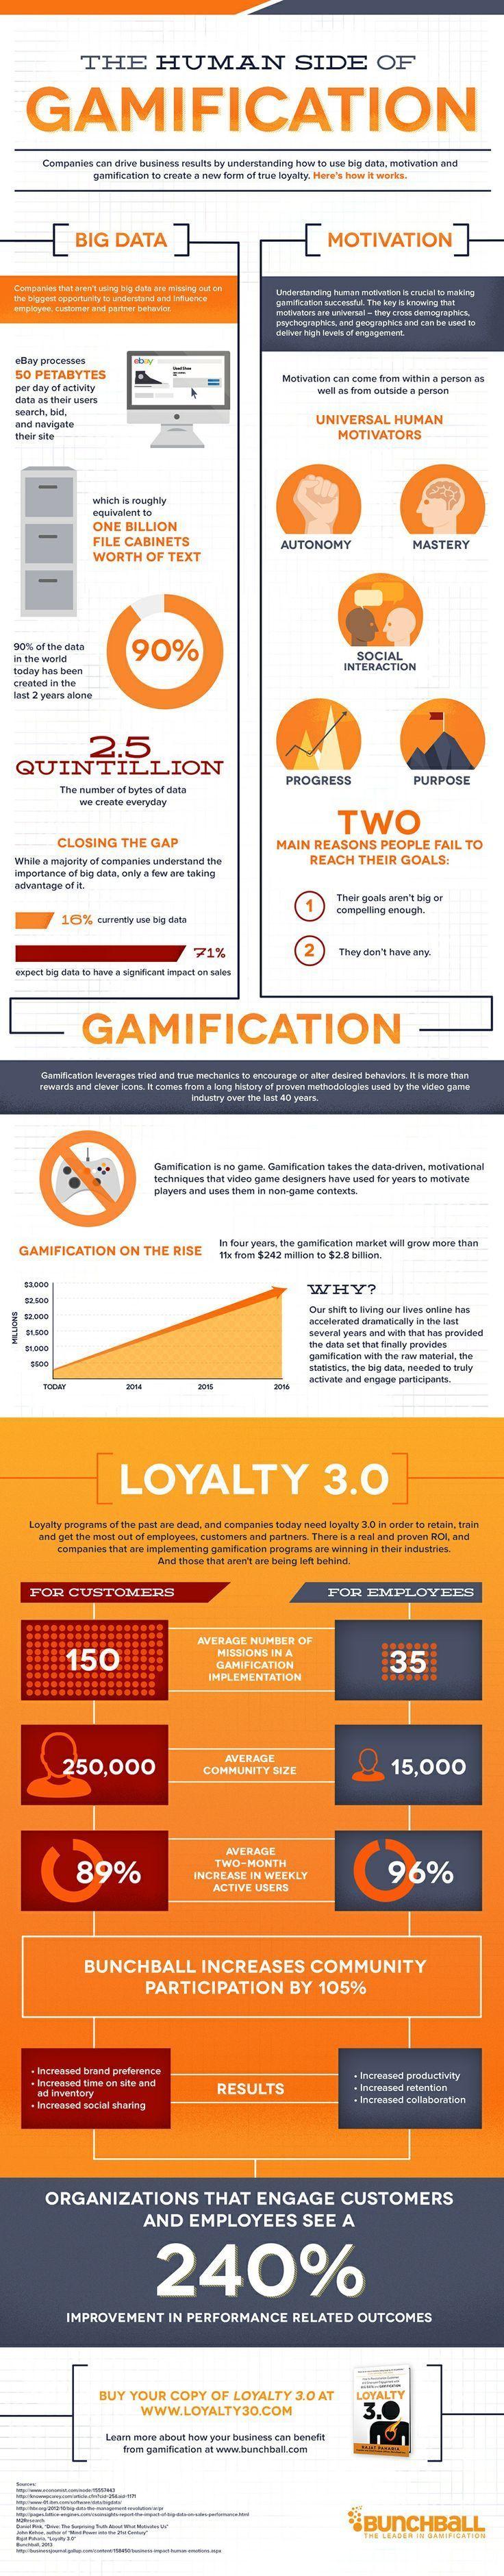 Aunque no estoy muy a favor del título, esta infografía va más allá de los puntos, medallas y ranking y nos hablan de como la gamificación puede mejorar la motivación y la lealtadhacía la empresa.